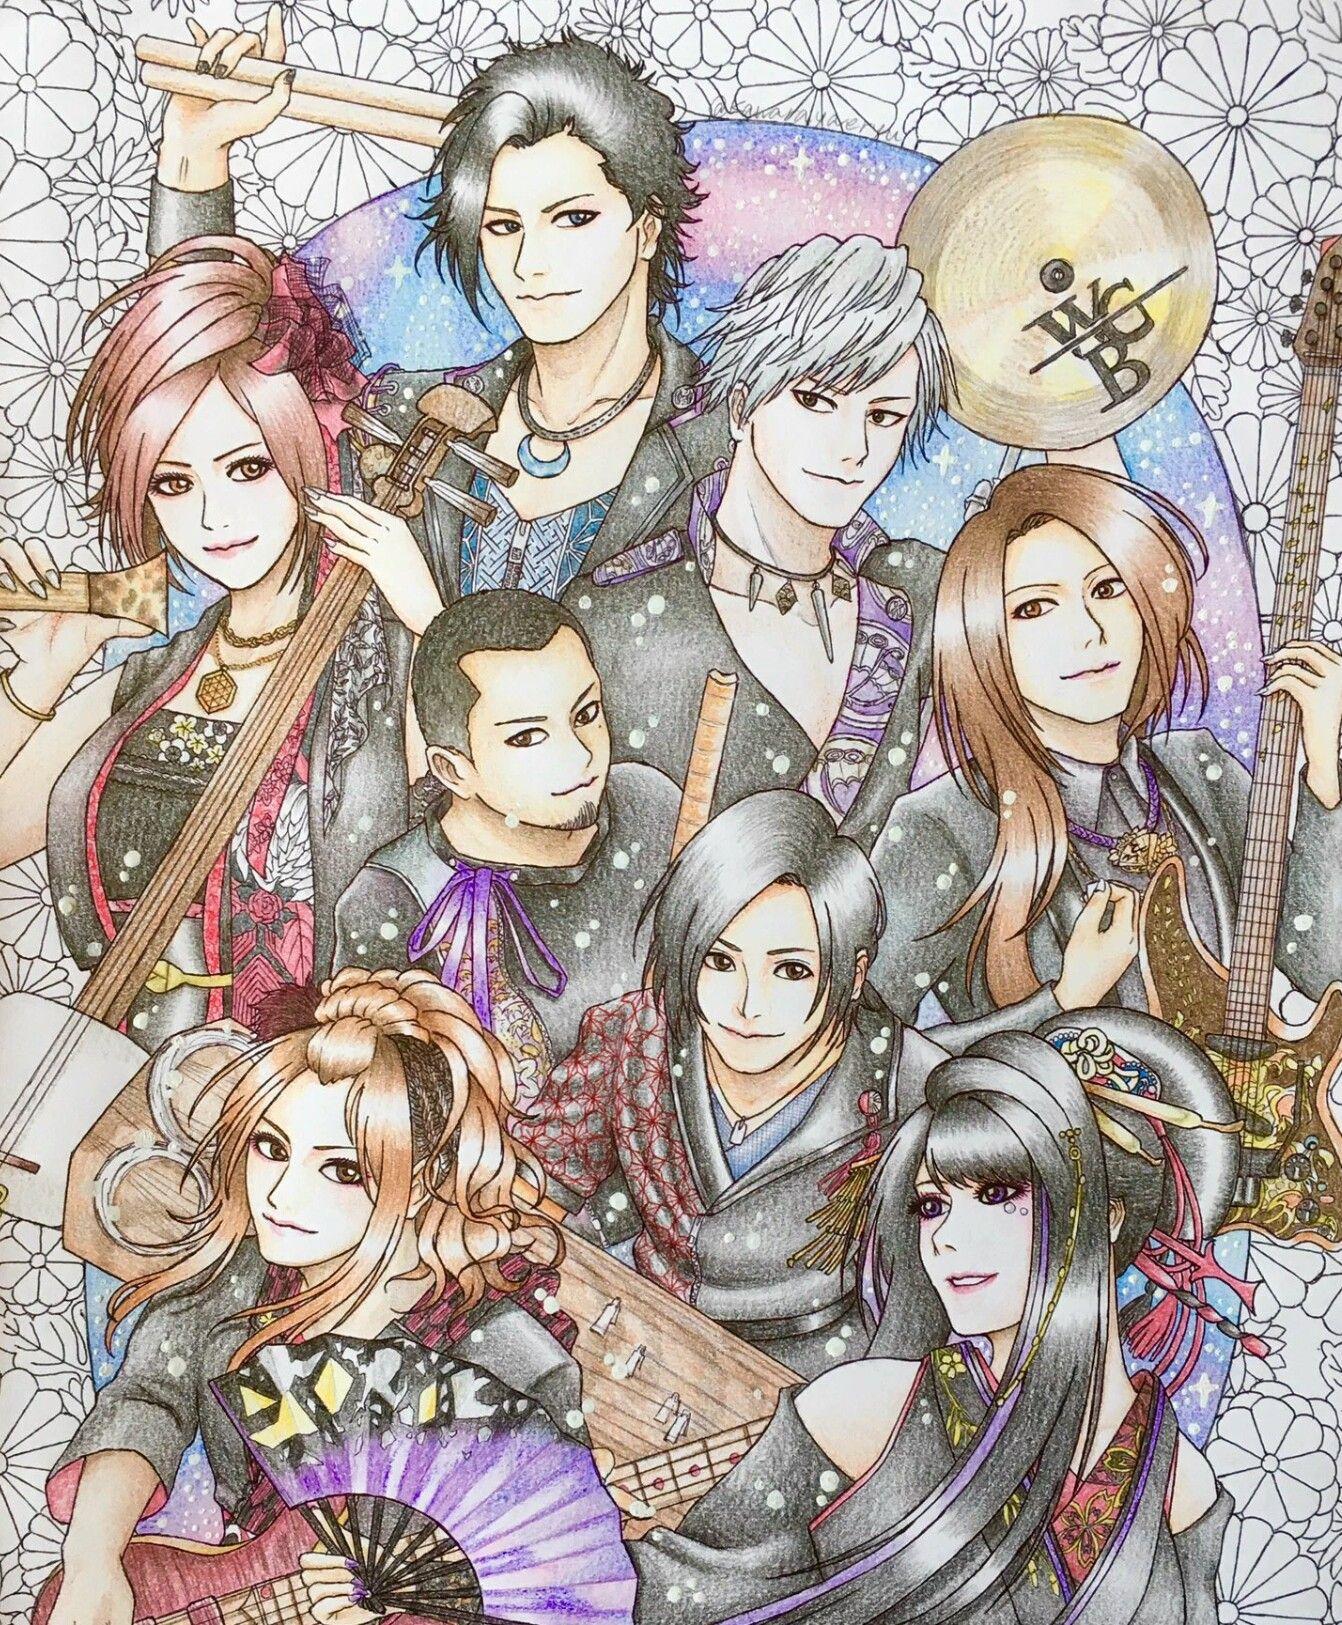 和楽器バンド 和楽器バンド 和楽器 バンド